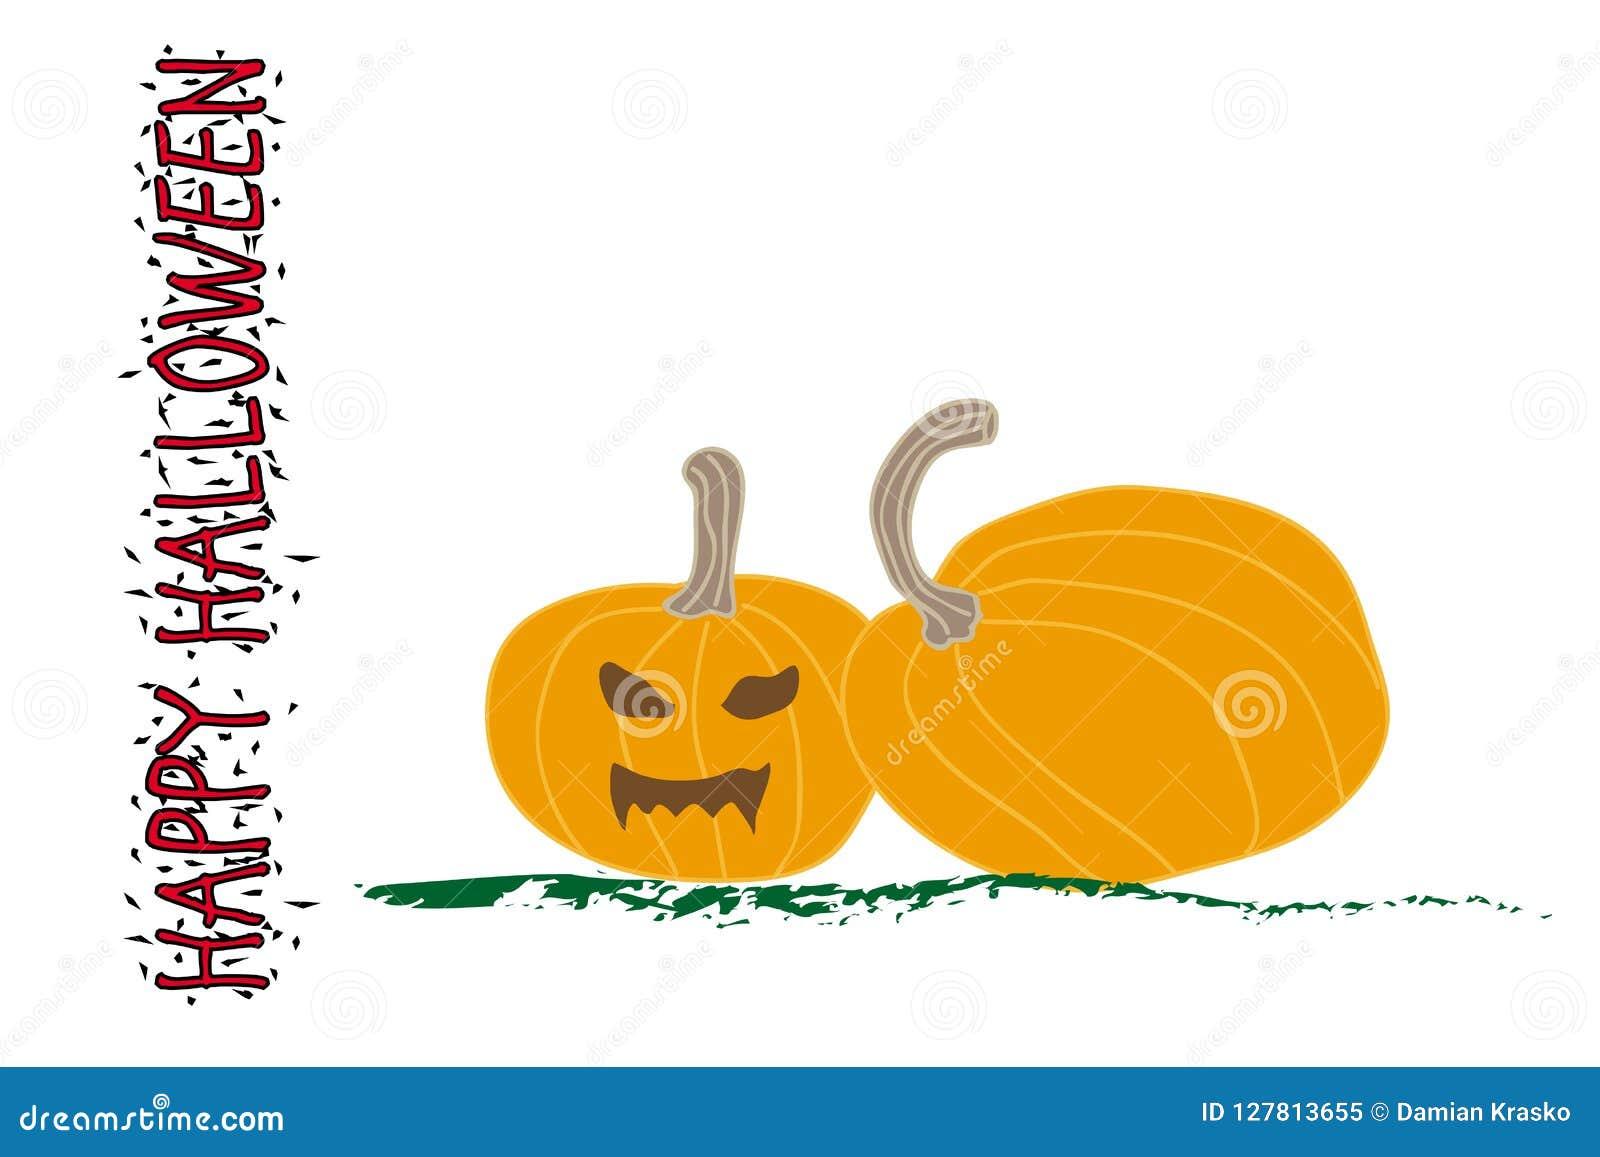 Halloween-pompoen met eng gezicht op wit